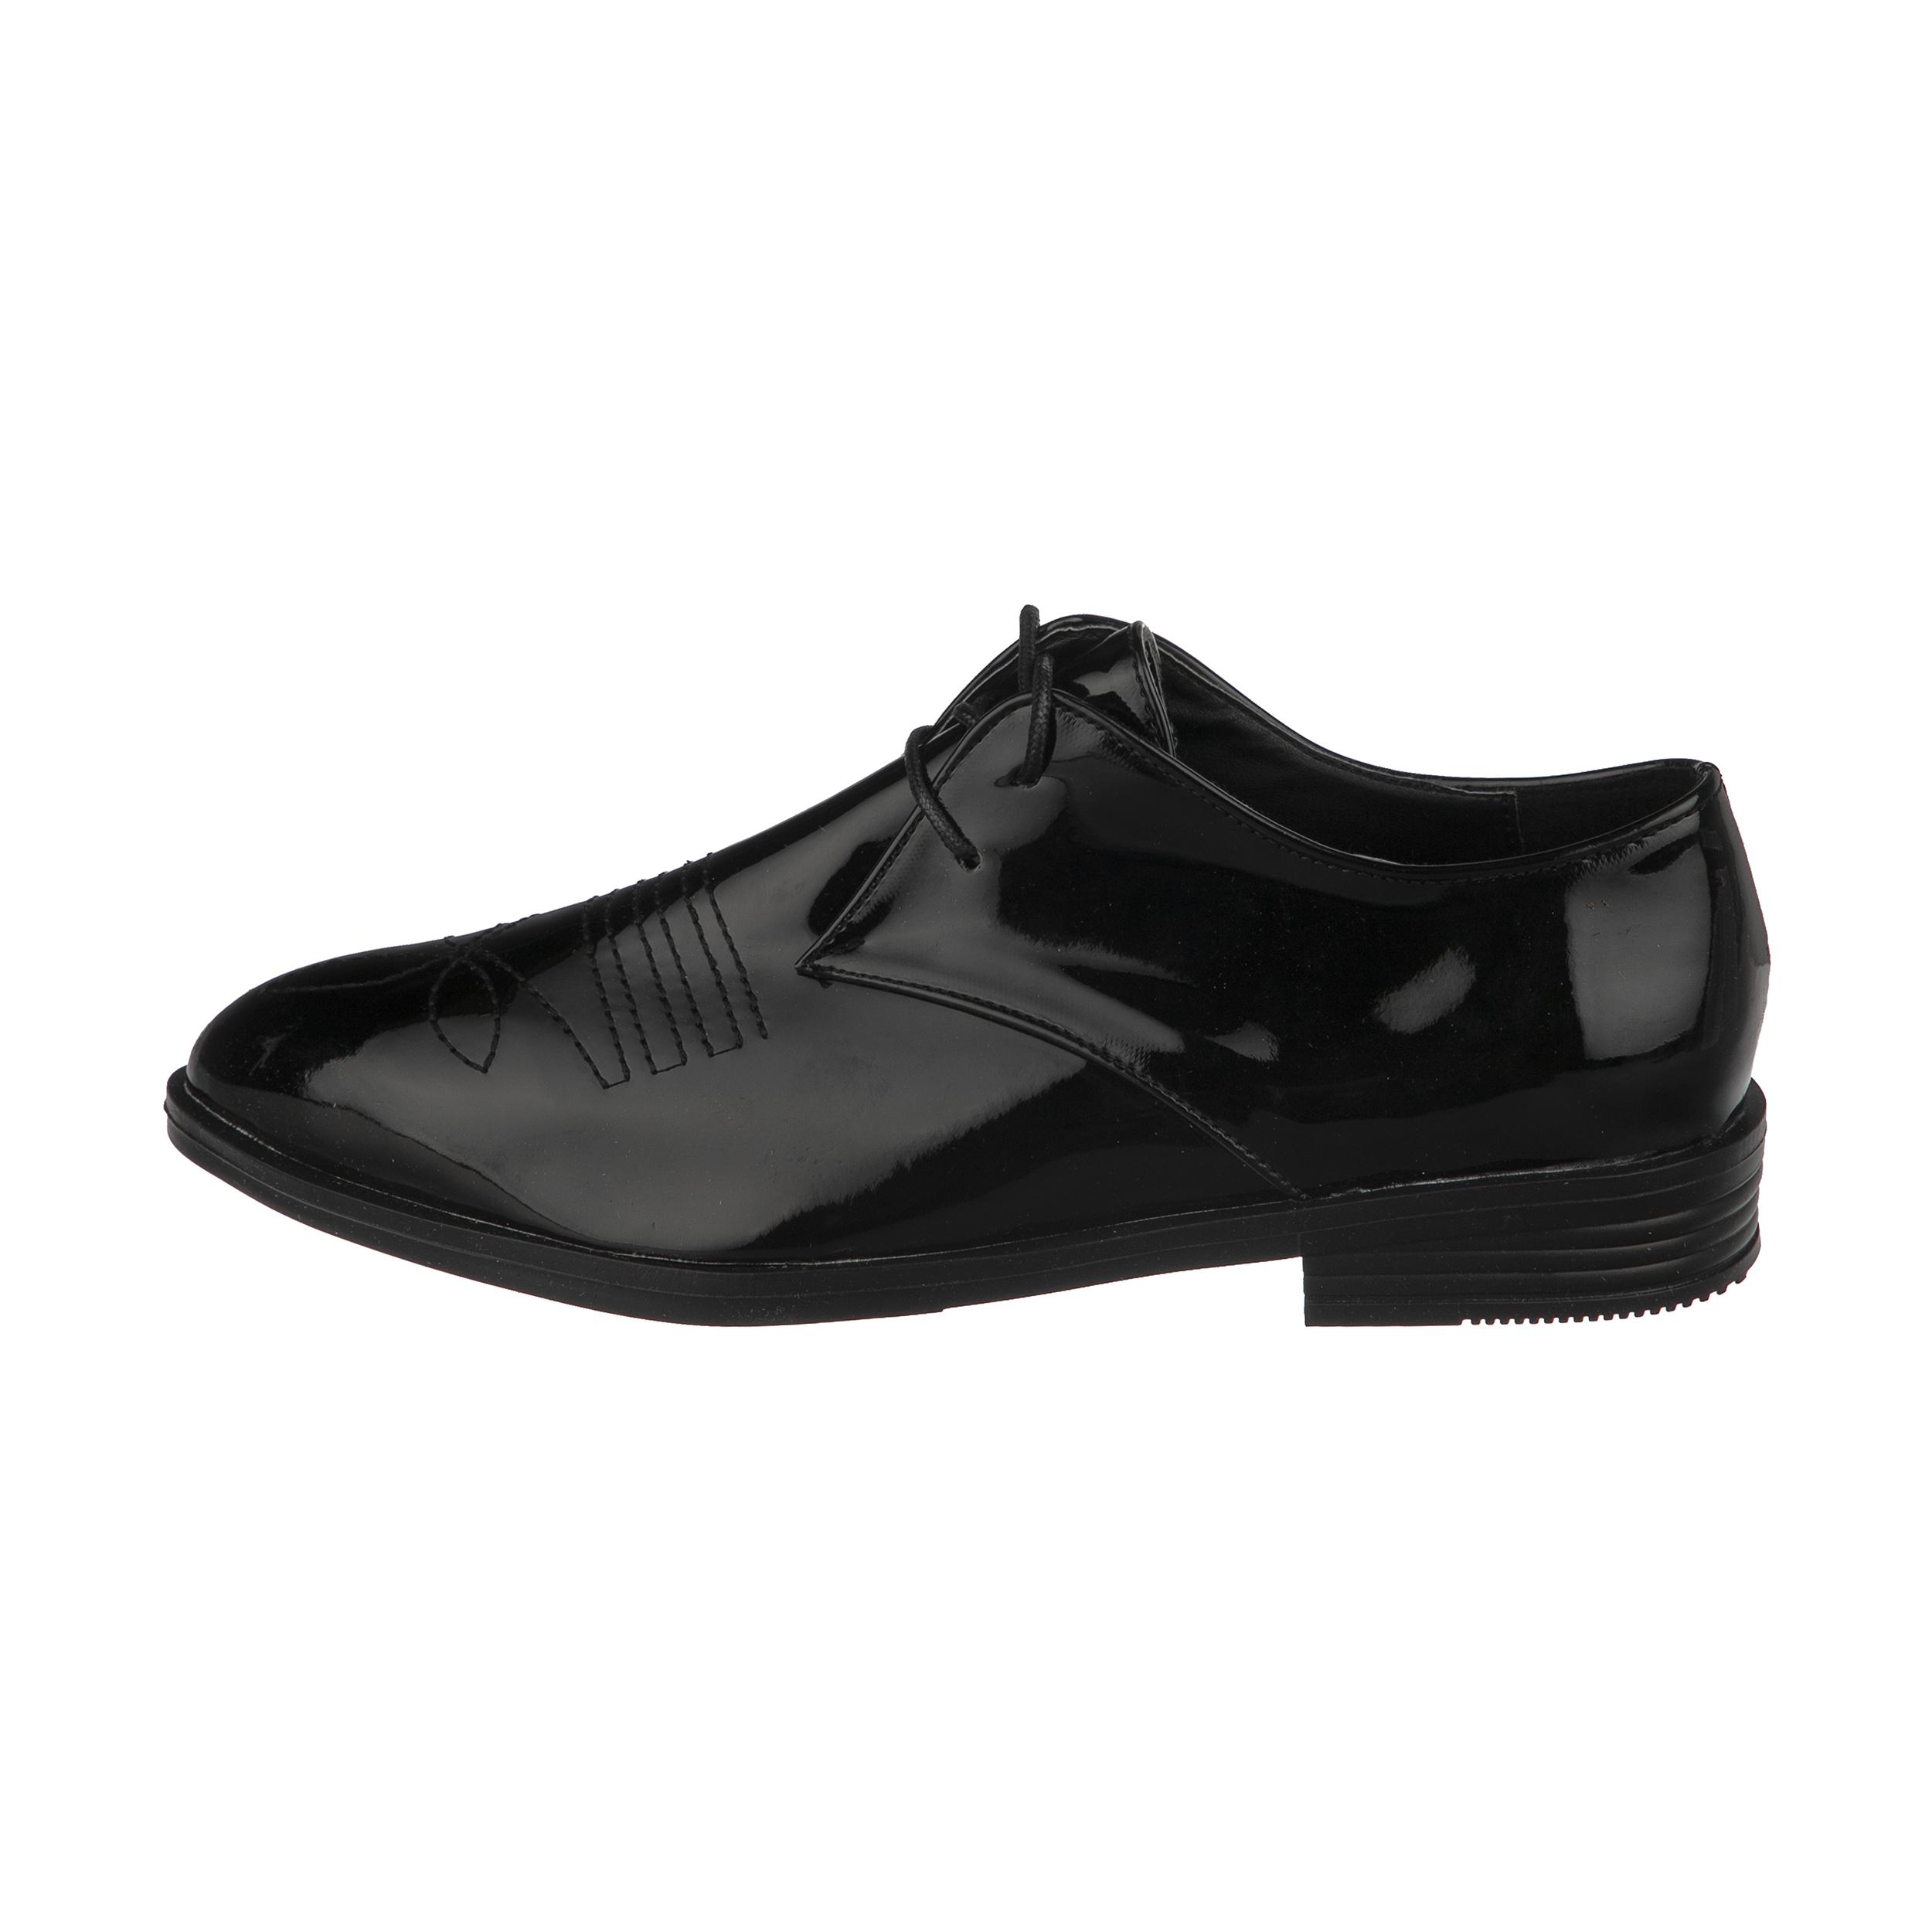 کفش زنانه لبتو مدل 1057-99